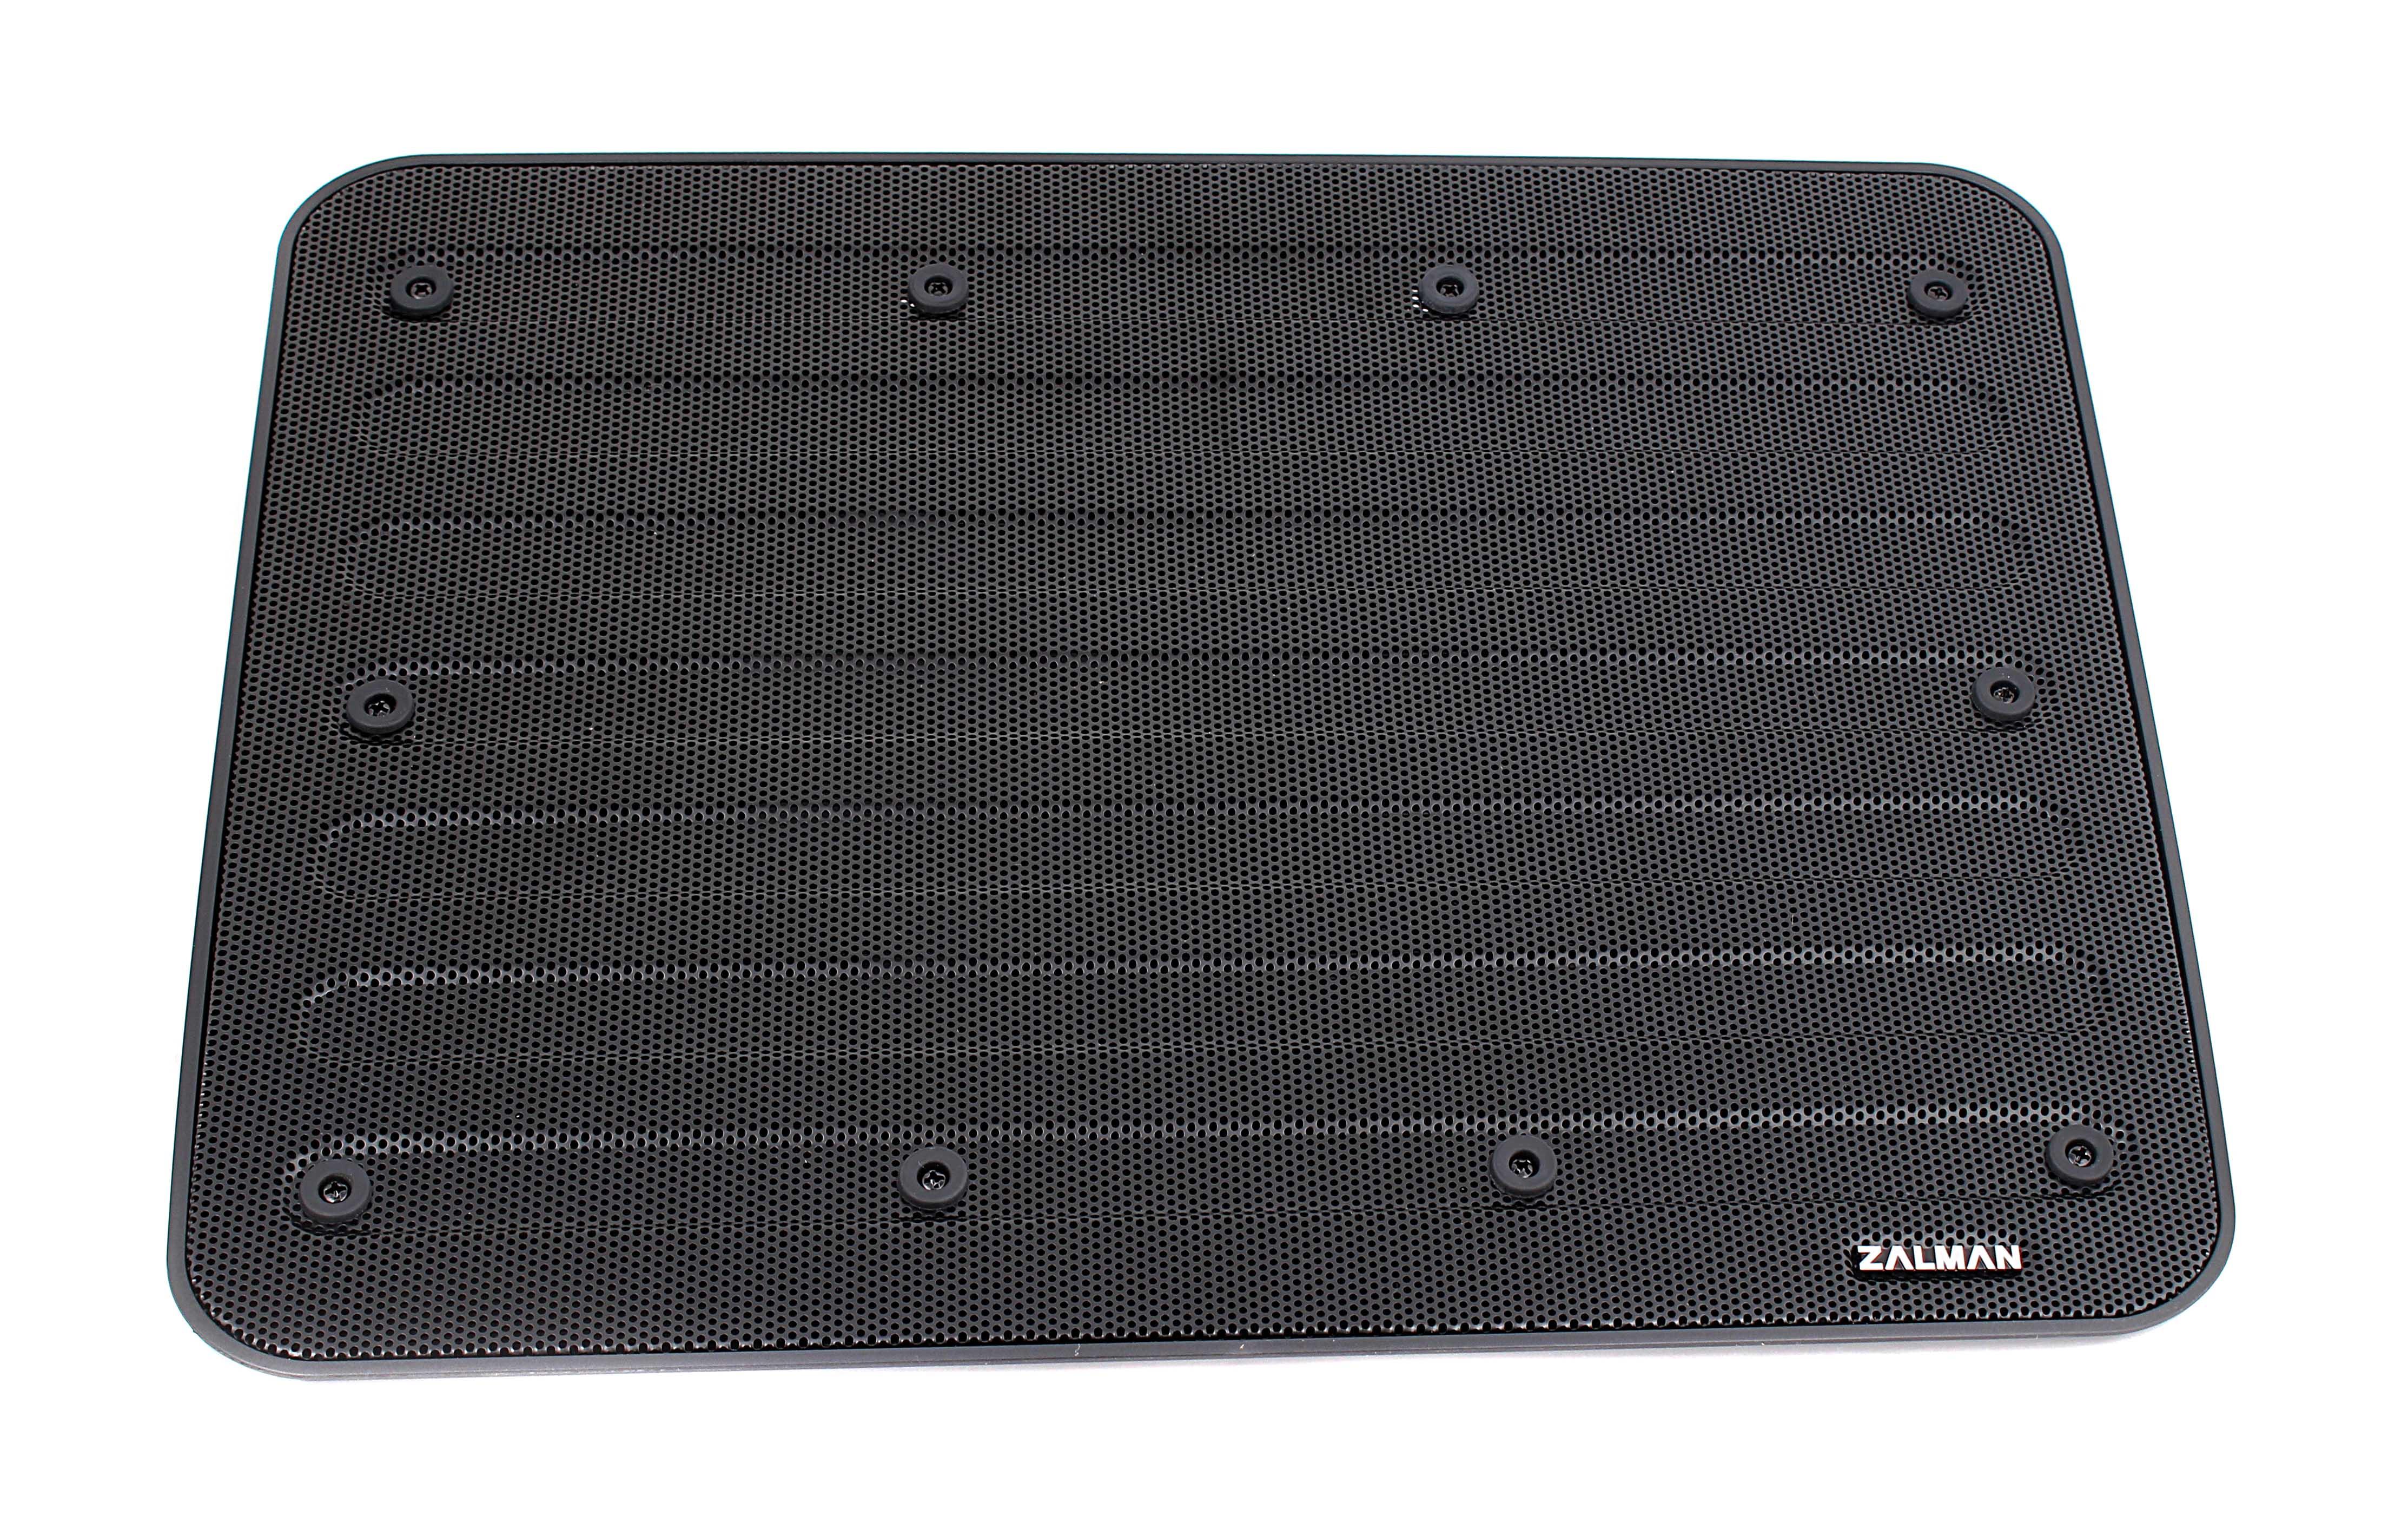 Подставка для ноутбука Zalman Real Brand Technics 903.000